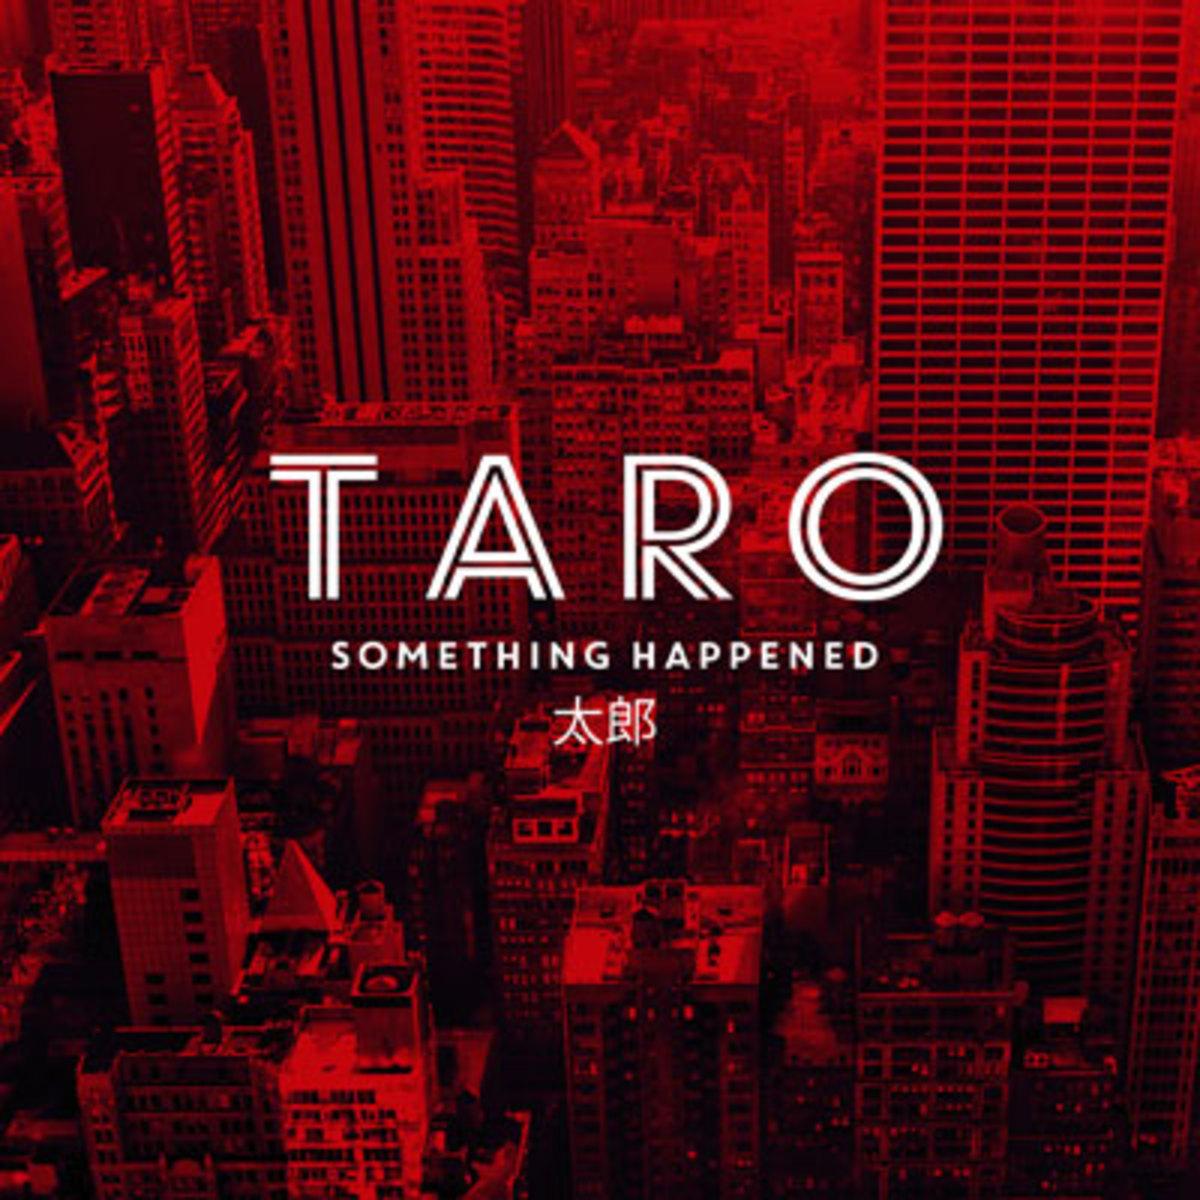 taro-somethinghappened.jpg